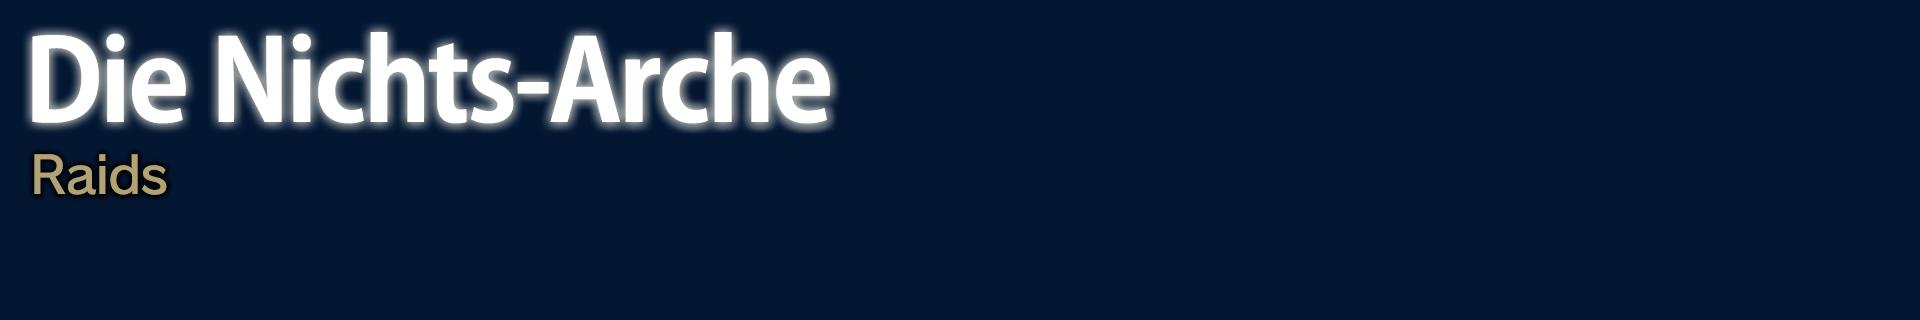 Die Nichts-Arche